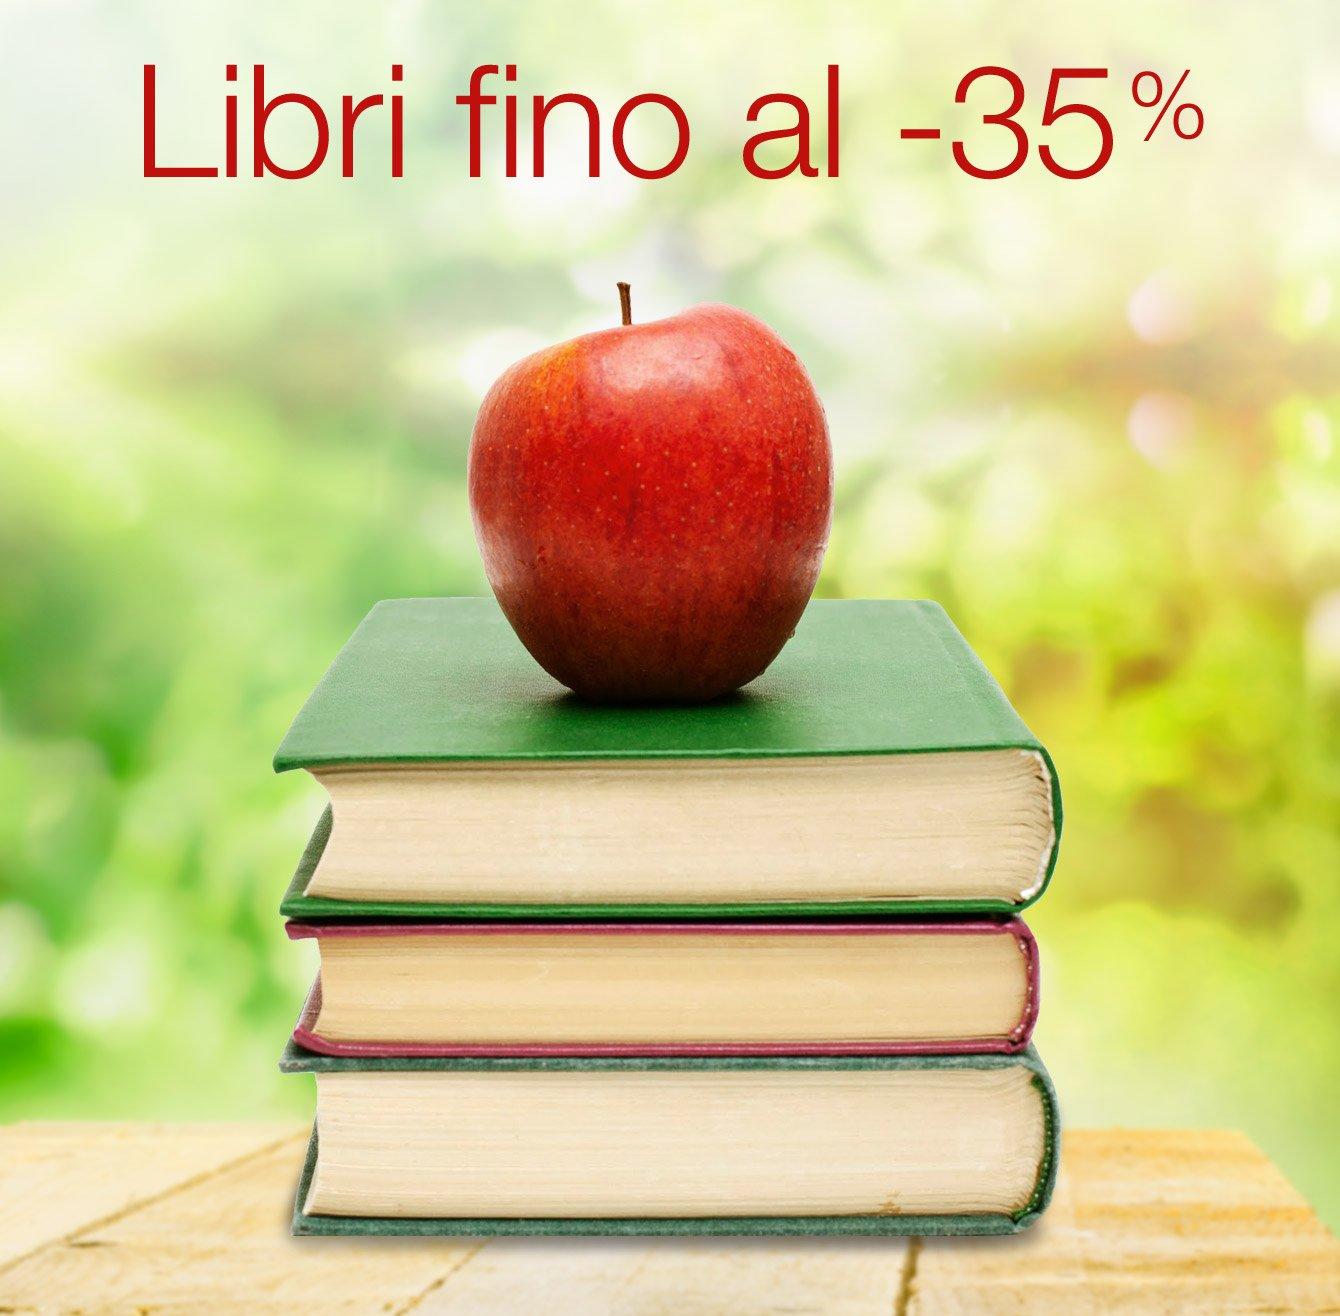 Libri fino al -35%